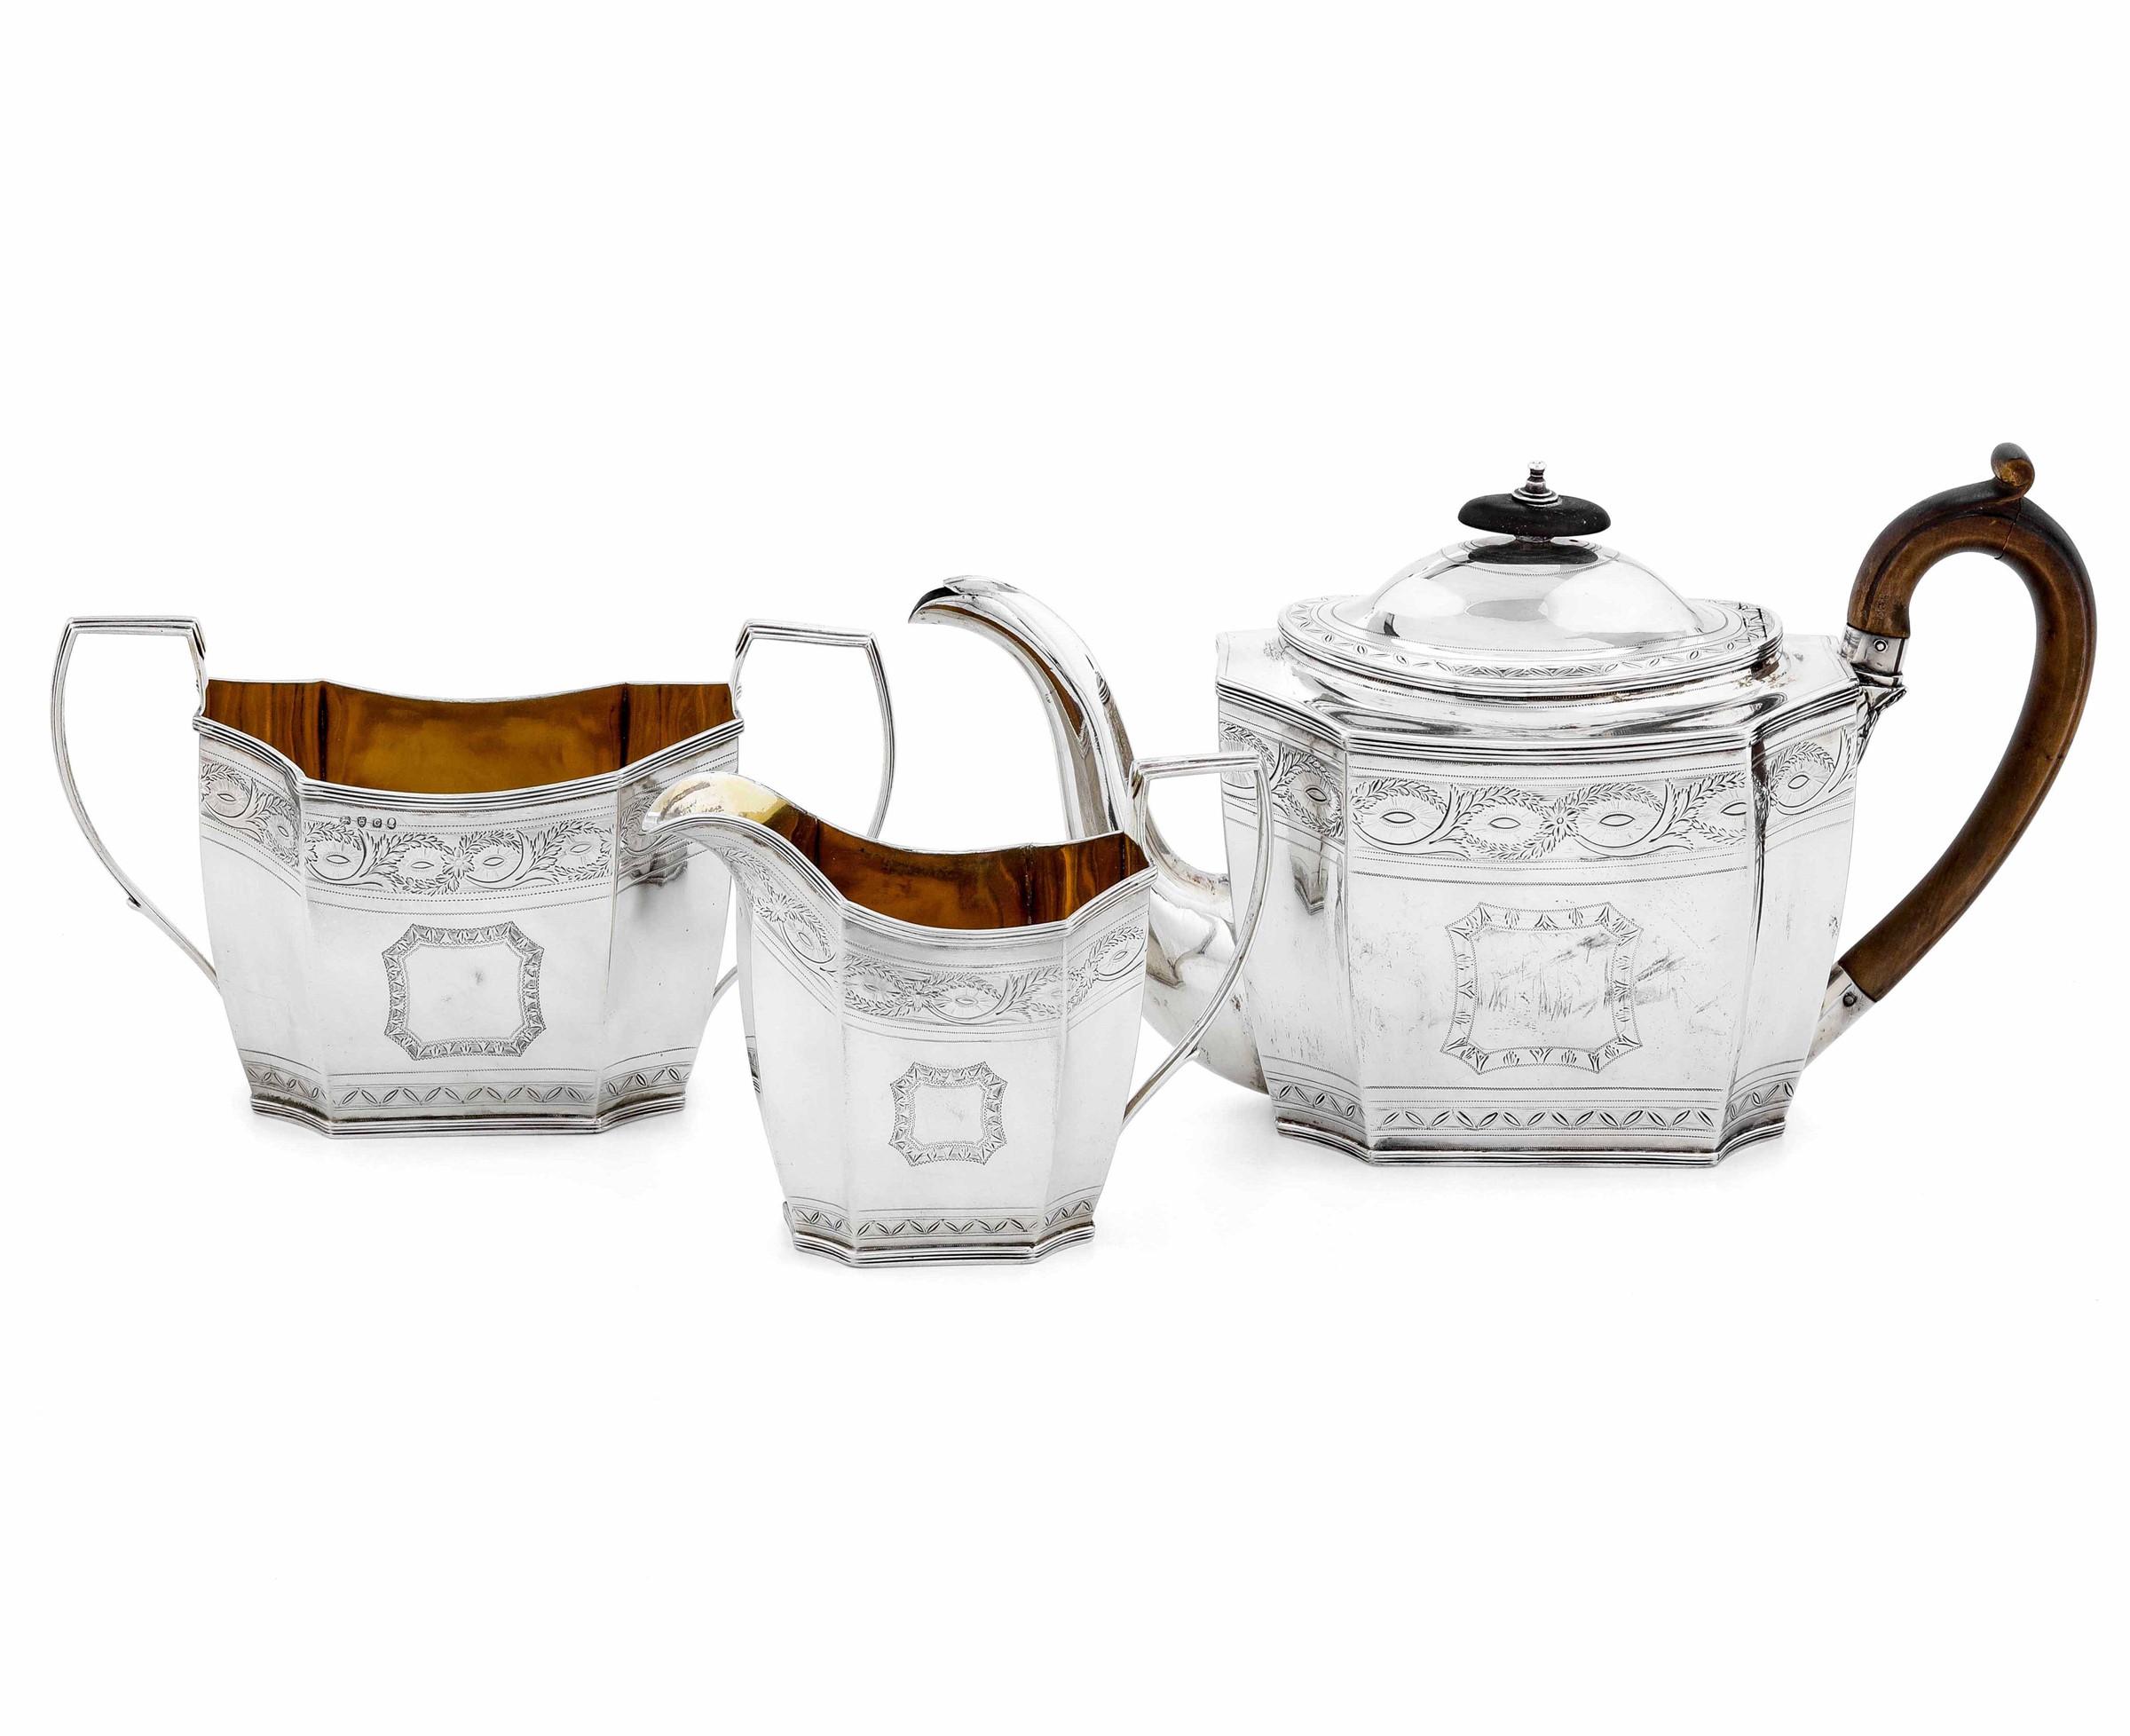 Servizio da tè in argento fuso, sbalzato e cesellato. Londra 1802, Argentiere CC [...]